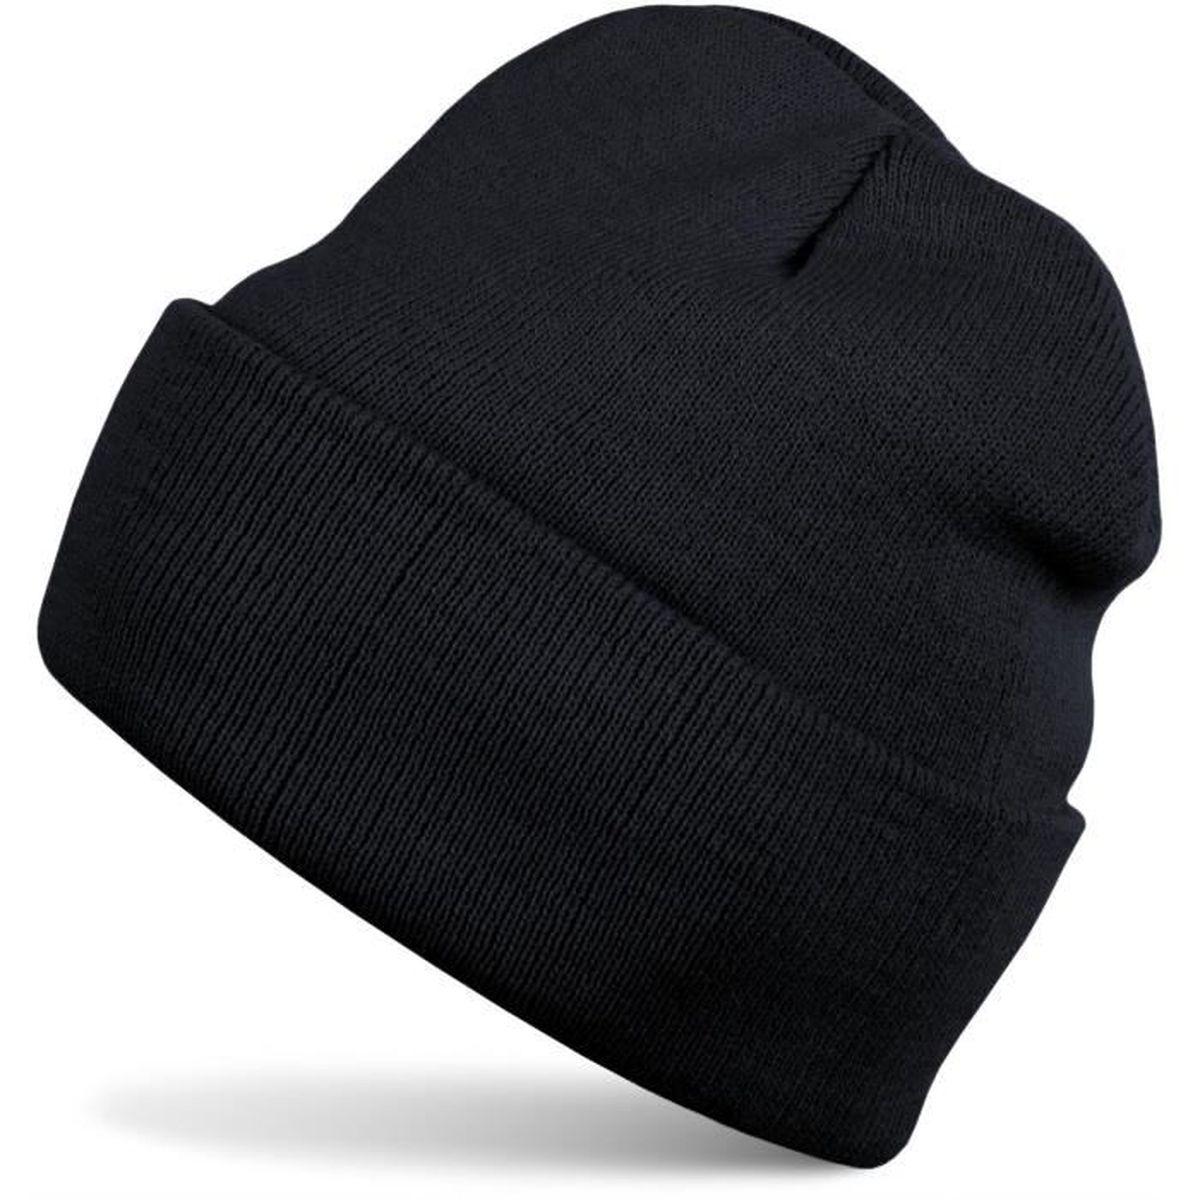 ... bonnets pour enfants. BONNET - CAGOULE styleBREAKER Bonnet en laine  classique type Beanie e02fd0cae60